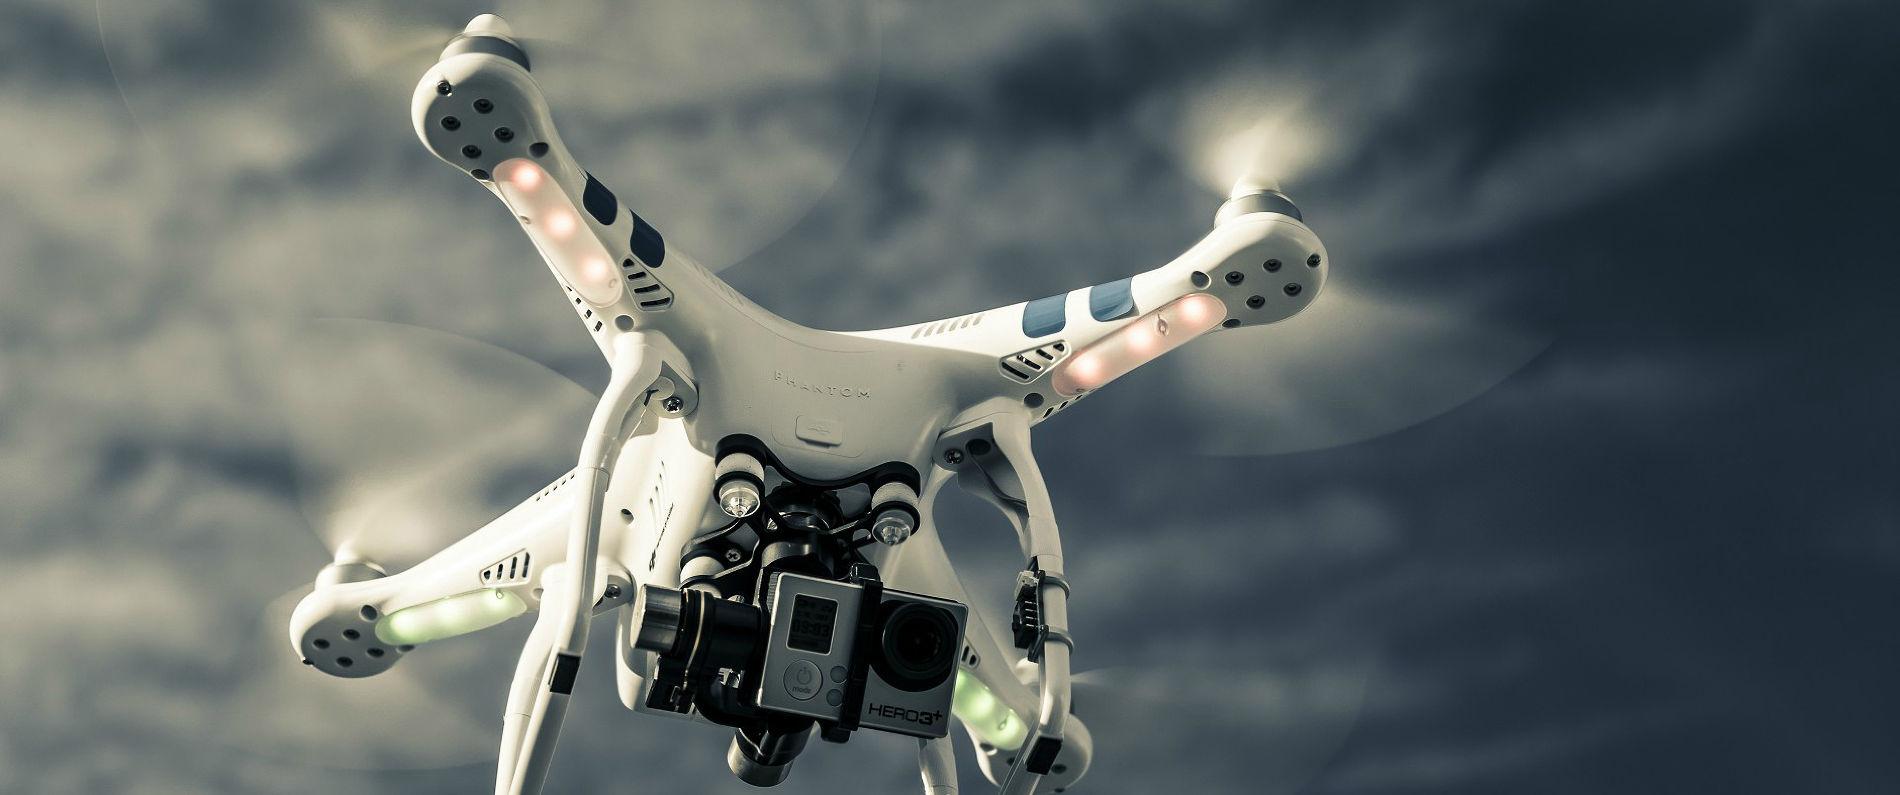 Квадрокоптеры теперь на службе инспекторов ©Фото rcmotors.ru